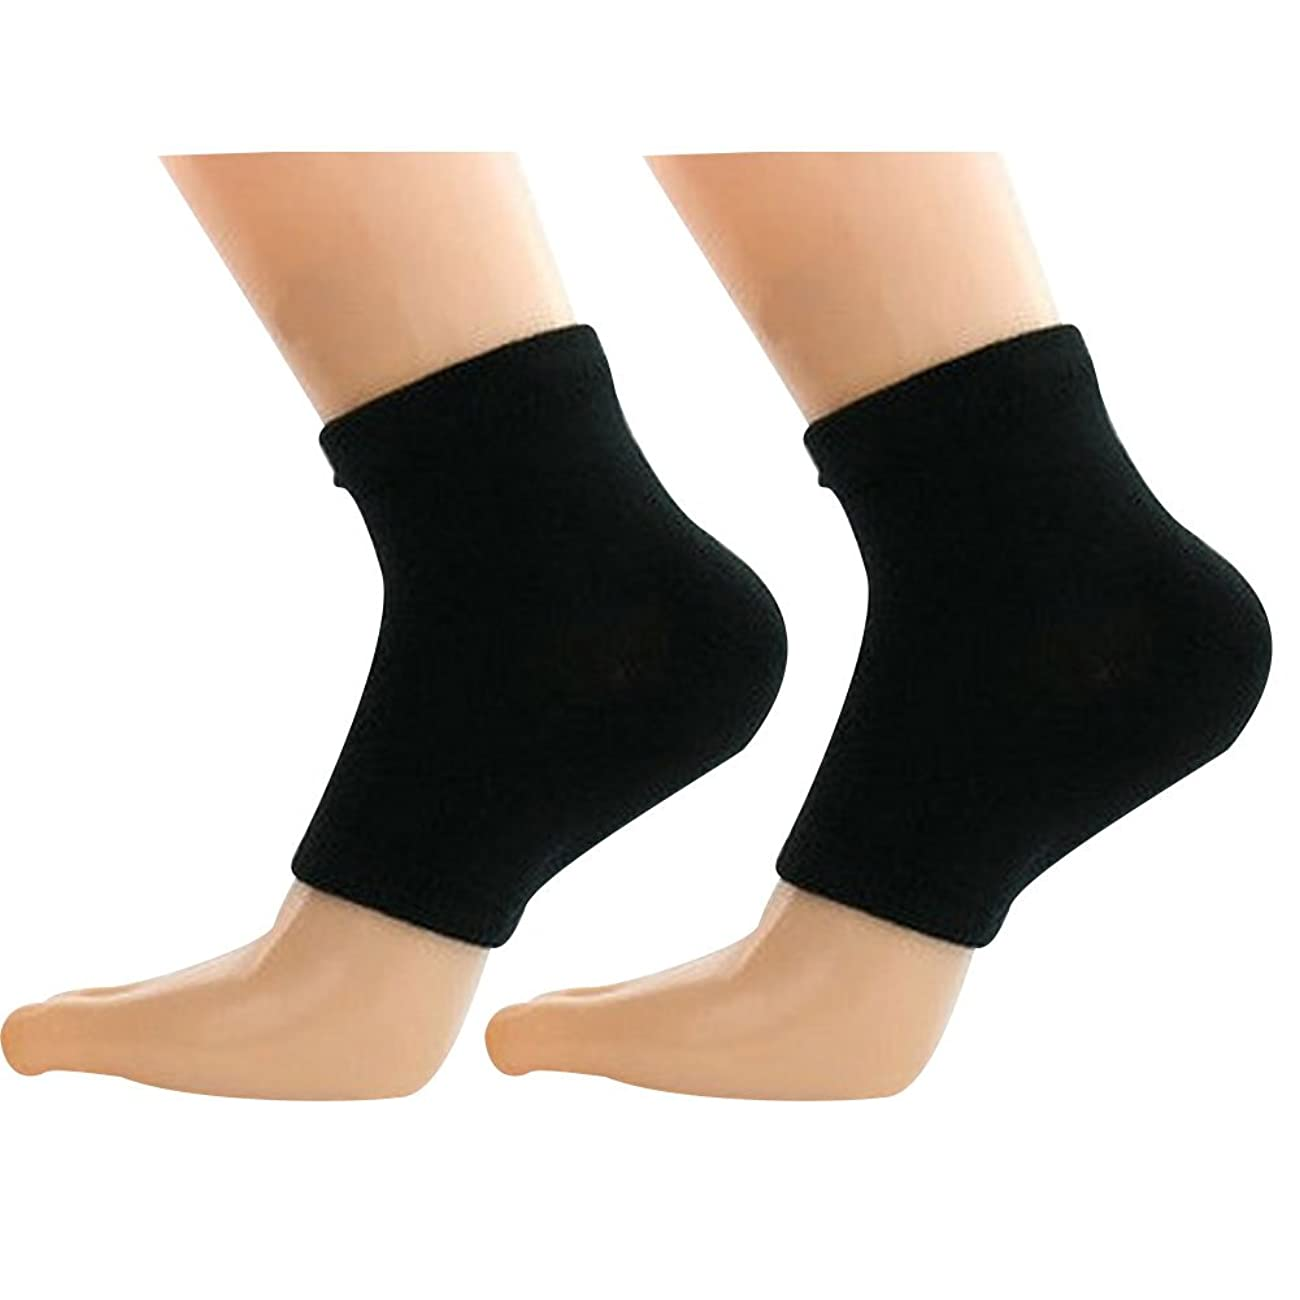 ピルファーシャベル階層QIAONAI レディース用 メンズ用 踵用カバー かかと 靴下 かかと ケア つるつる すべすべ 靴下 ソックス 角質ケア 保湿 角質除去 足ケア かかと 靴下 足首用サポーター  フリーサイズ (ブラック)